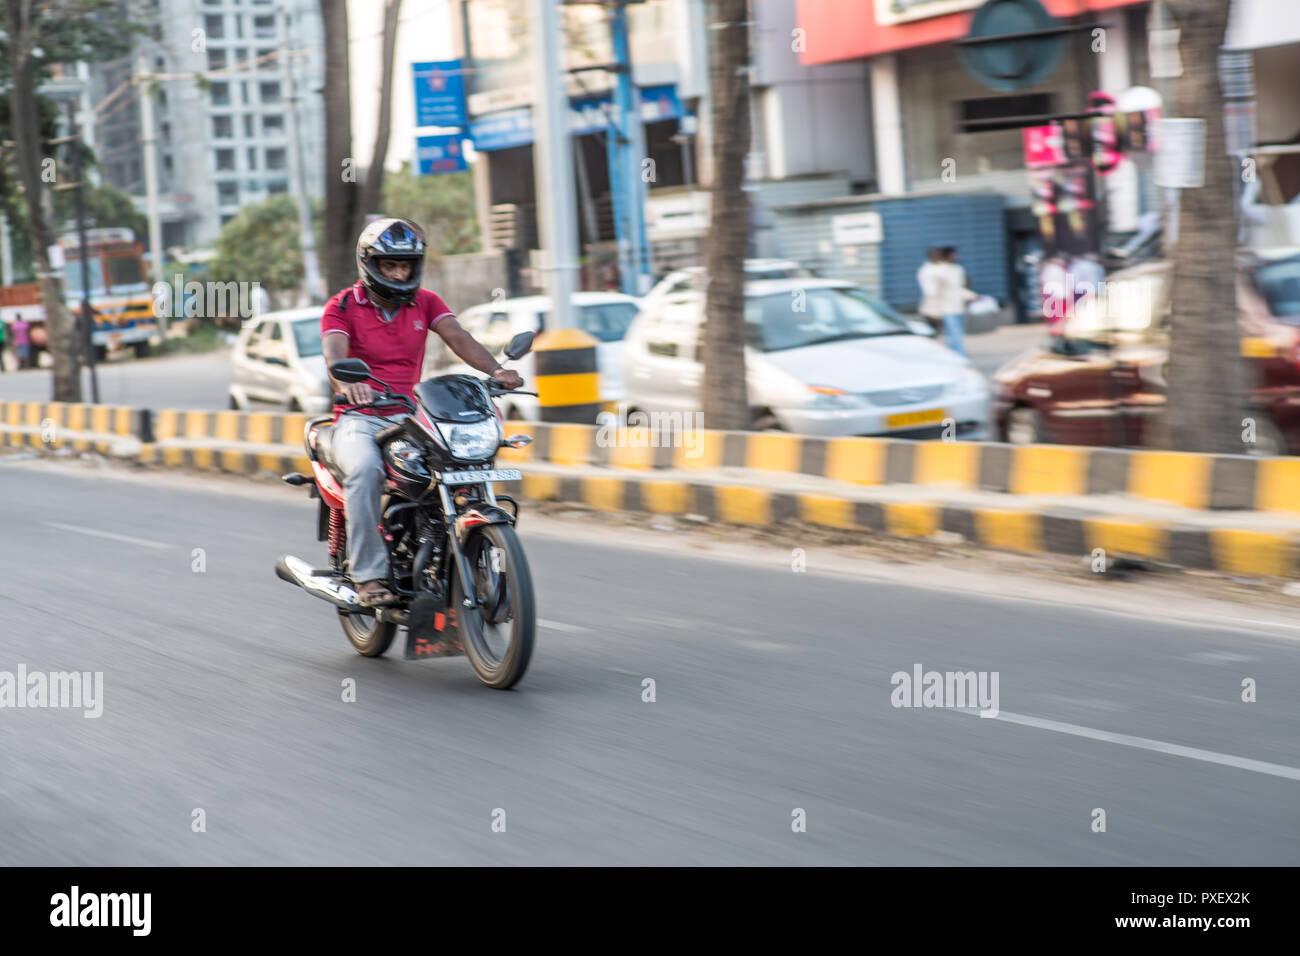 Velocizzando il motociclo in una città indiana Immagini Stock